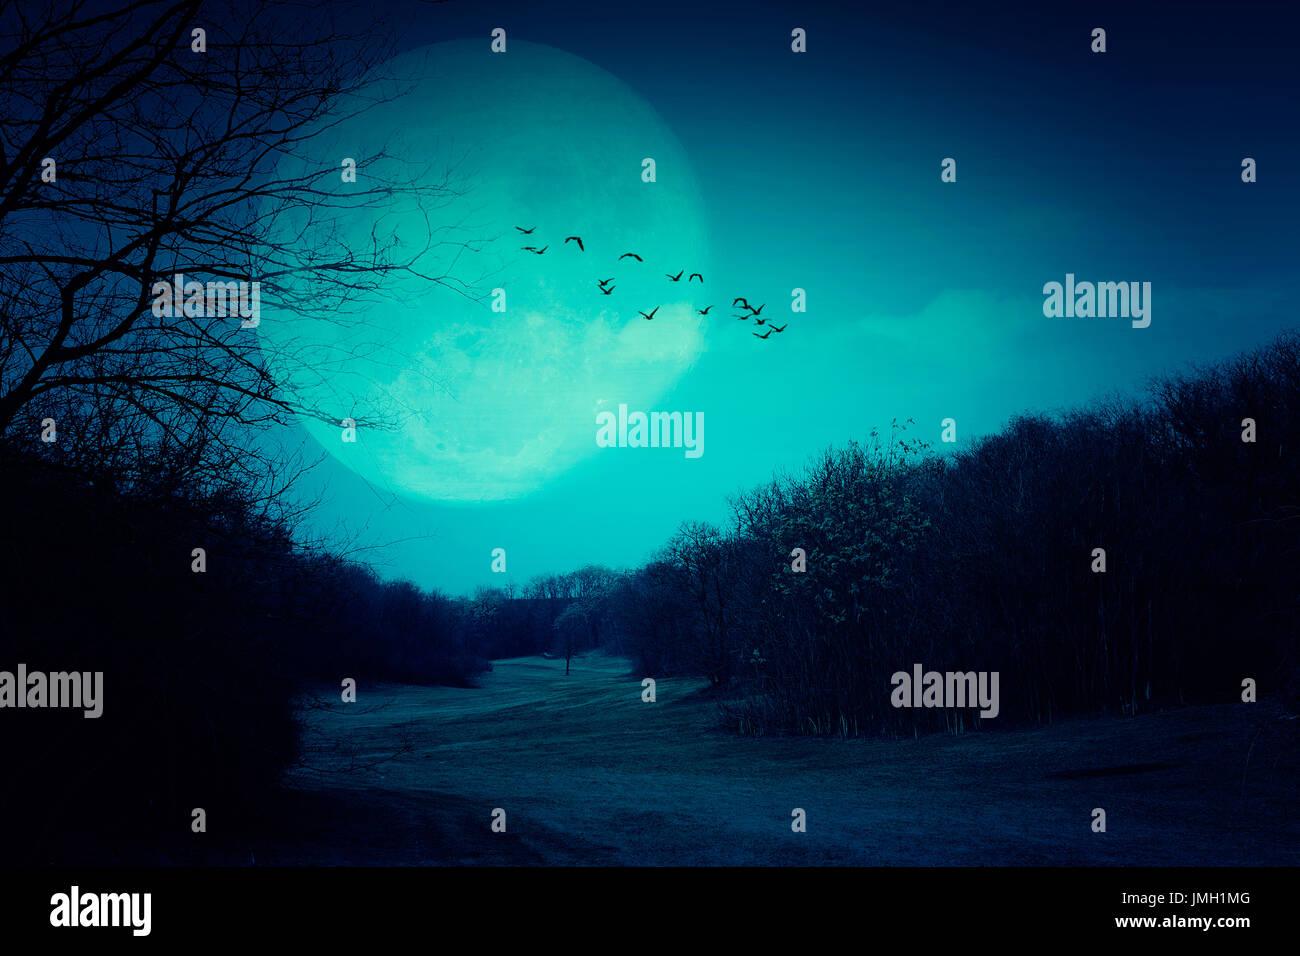 Pleine lune Spooky et sombre forêt Photo Stock